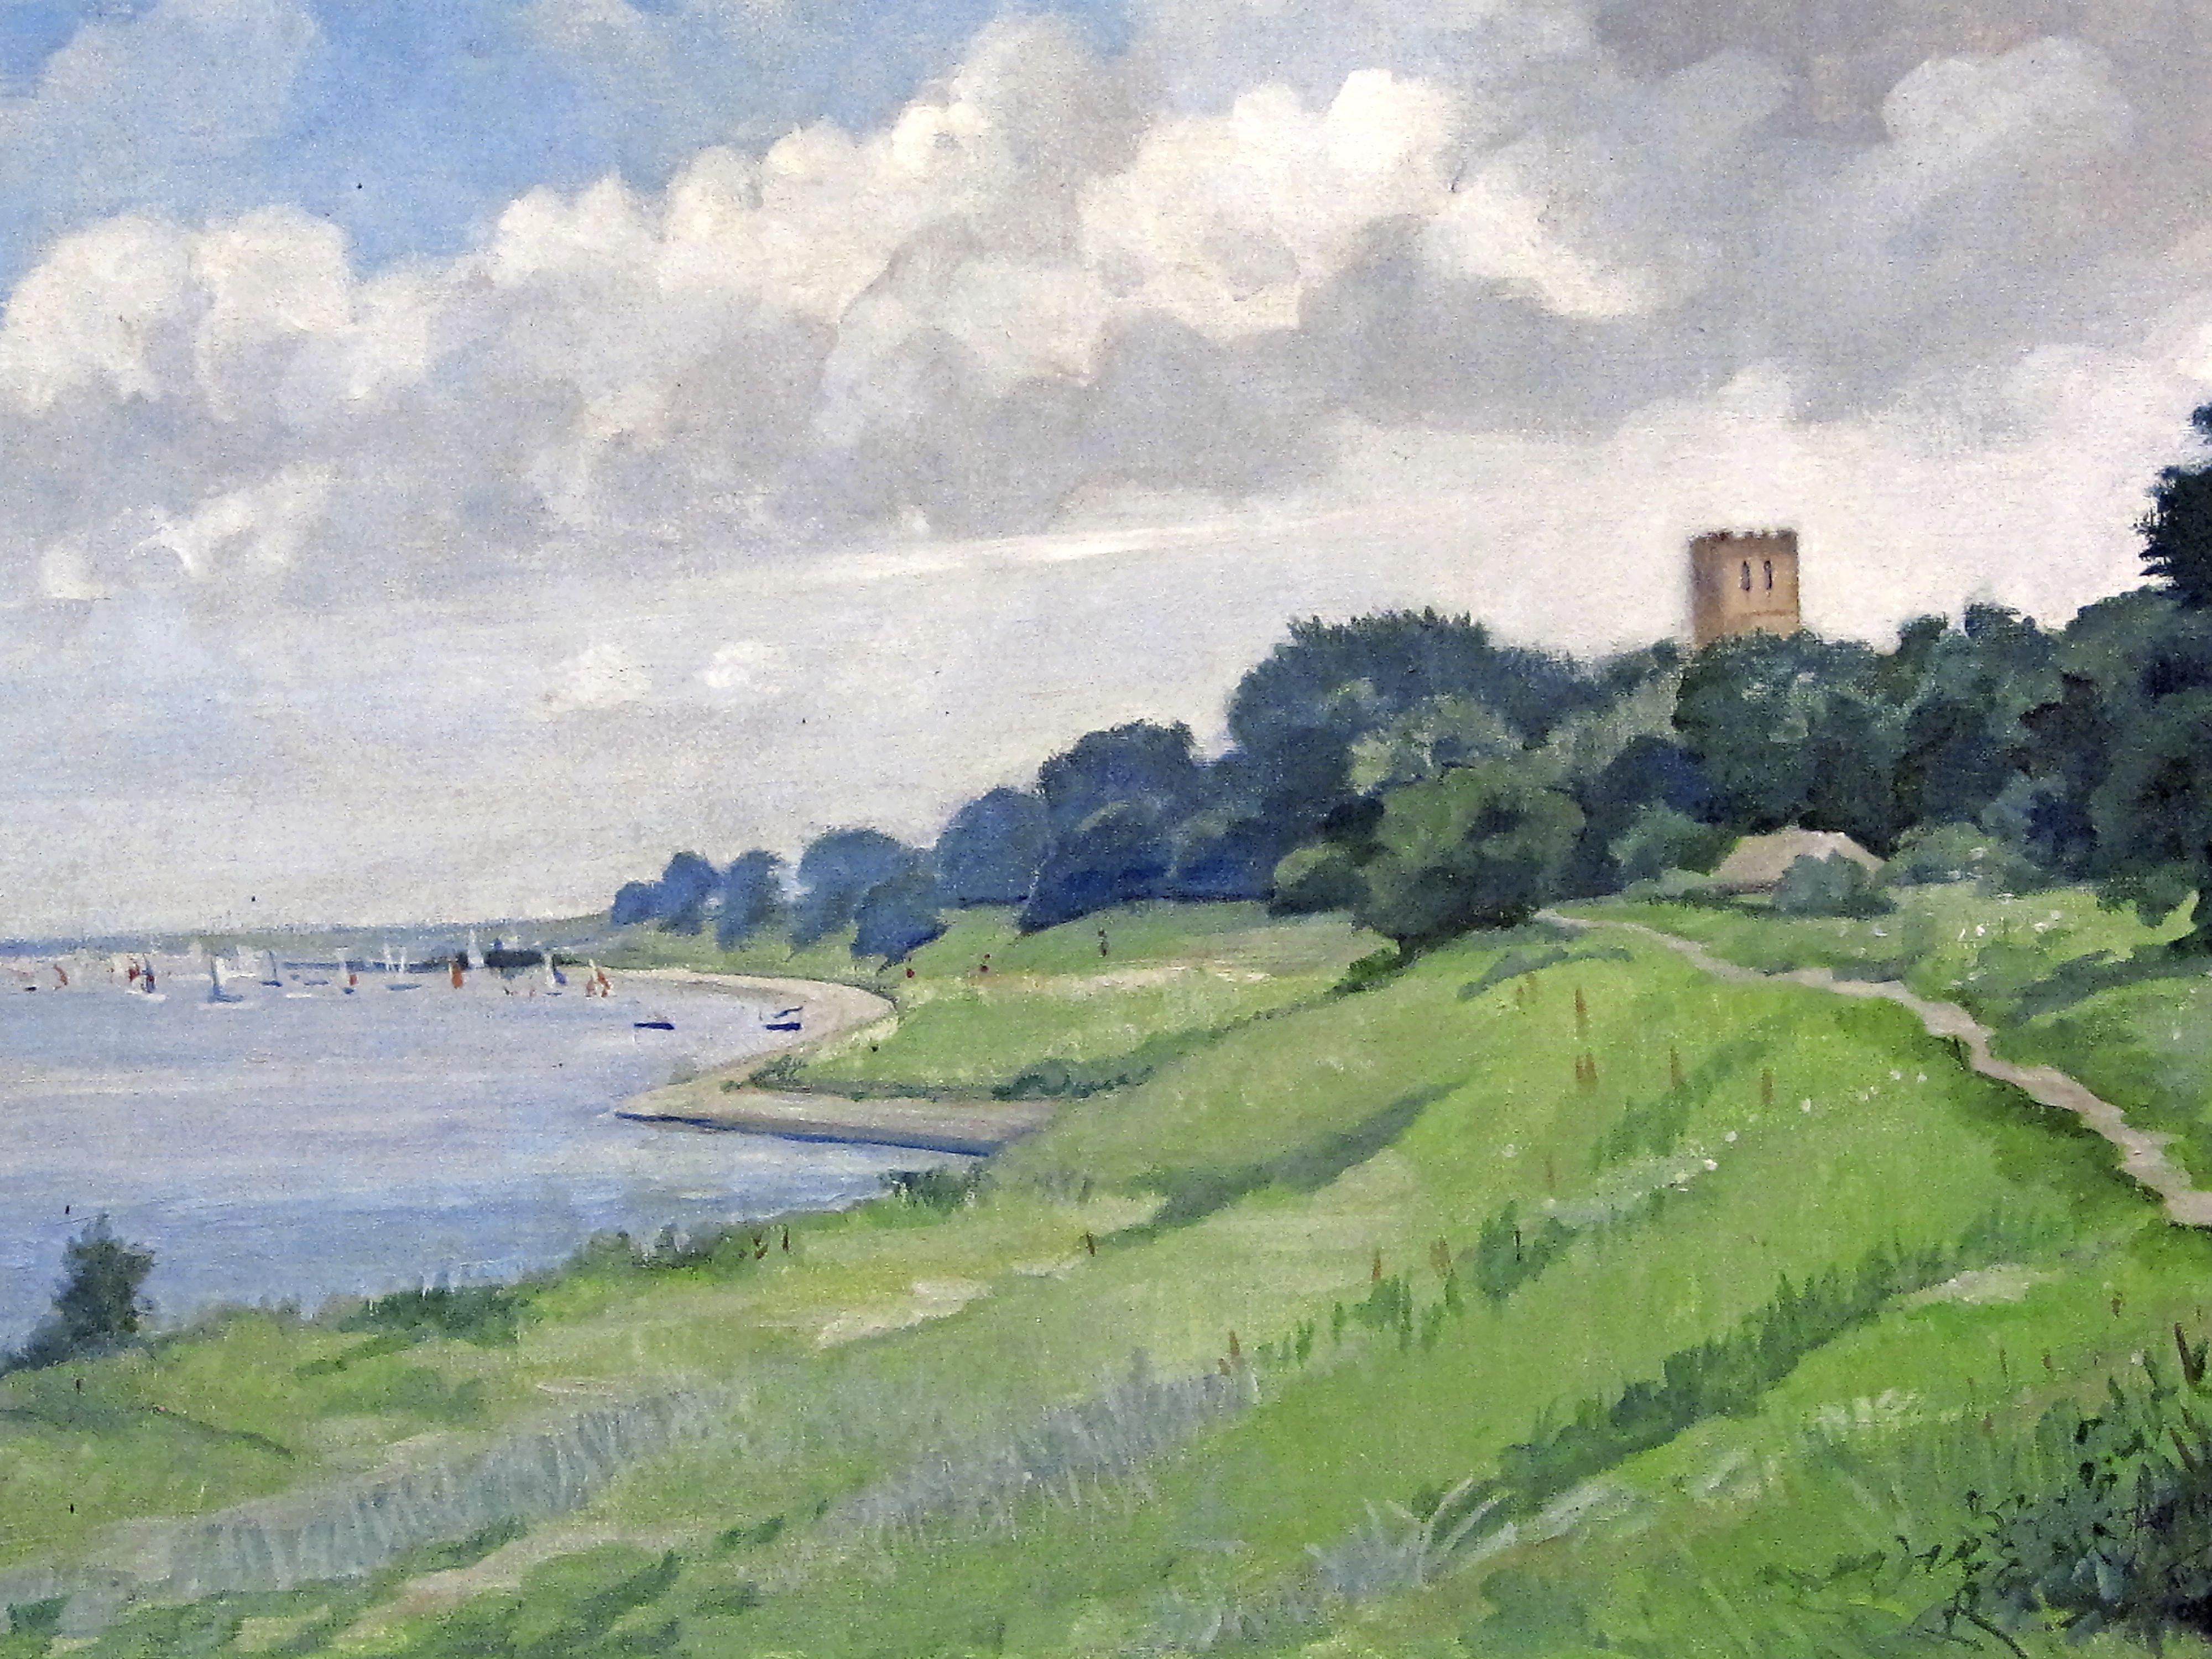 Schilderijen Jan Meijer te koop voor 'echte' Muiderbergers